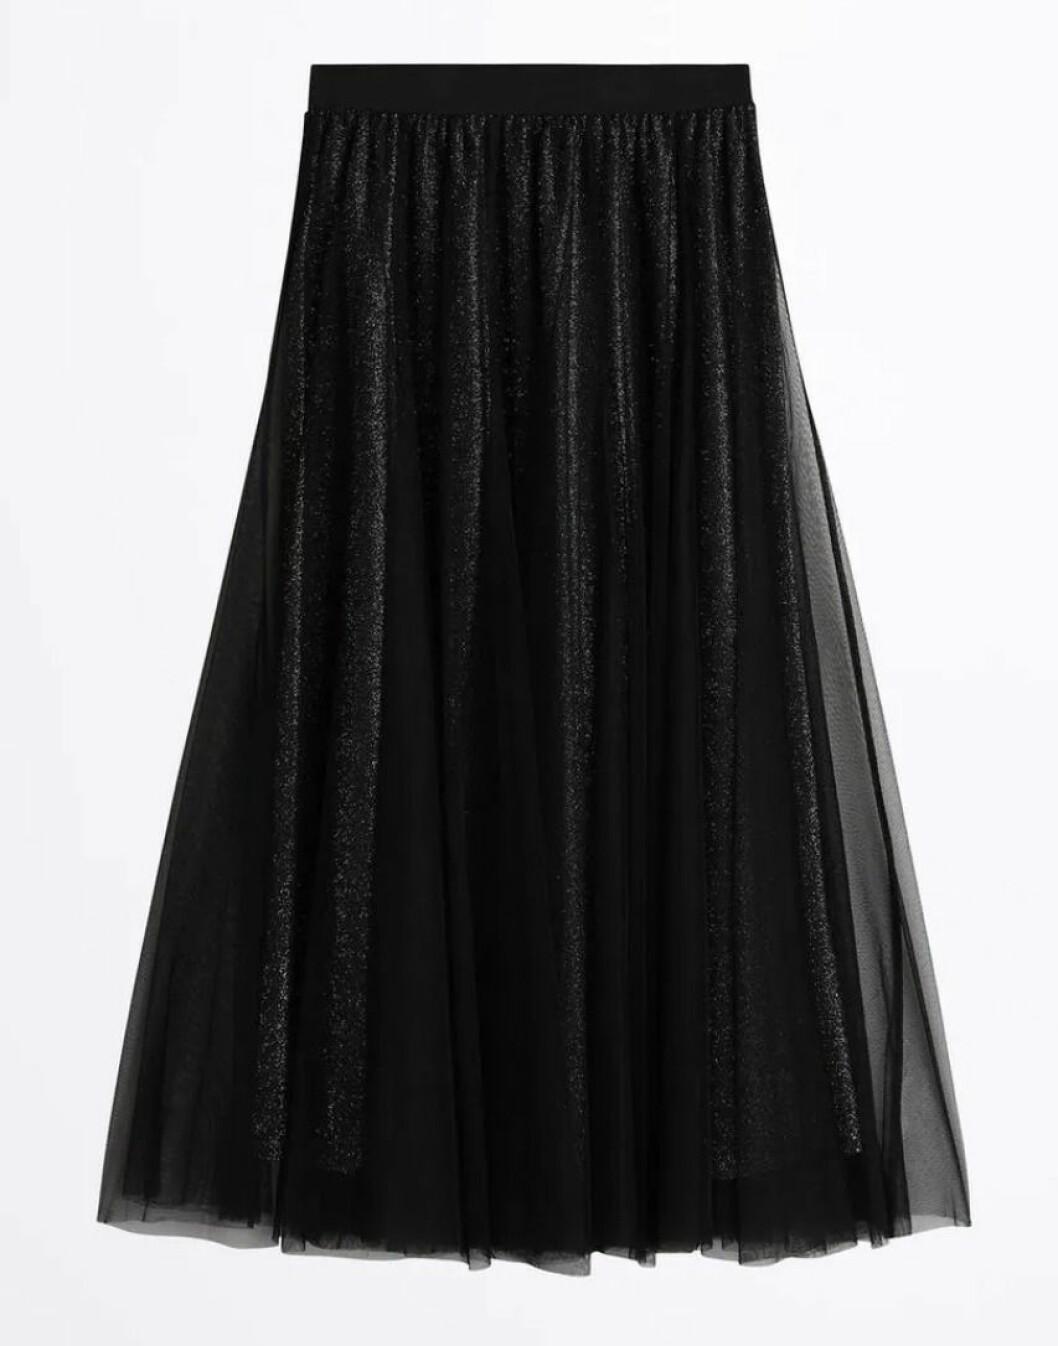 Svart kjol från Gina tricot